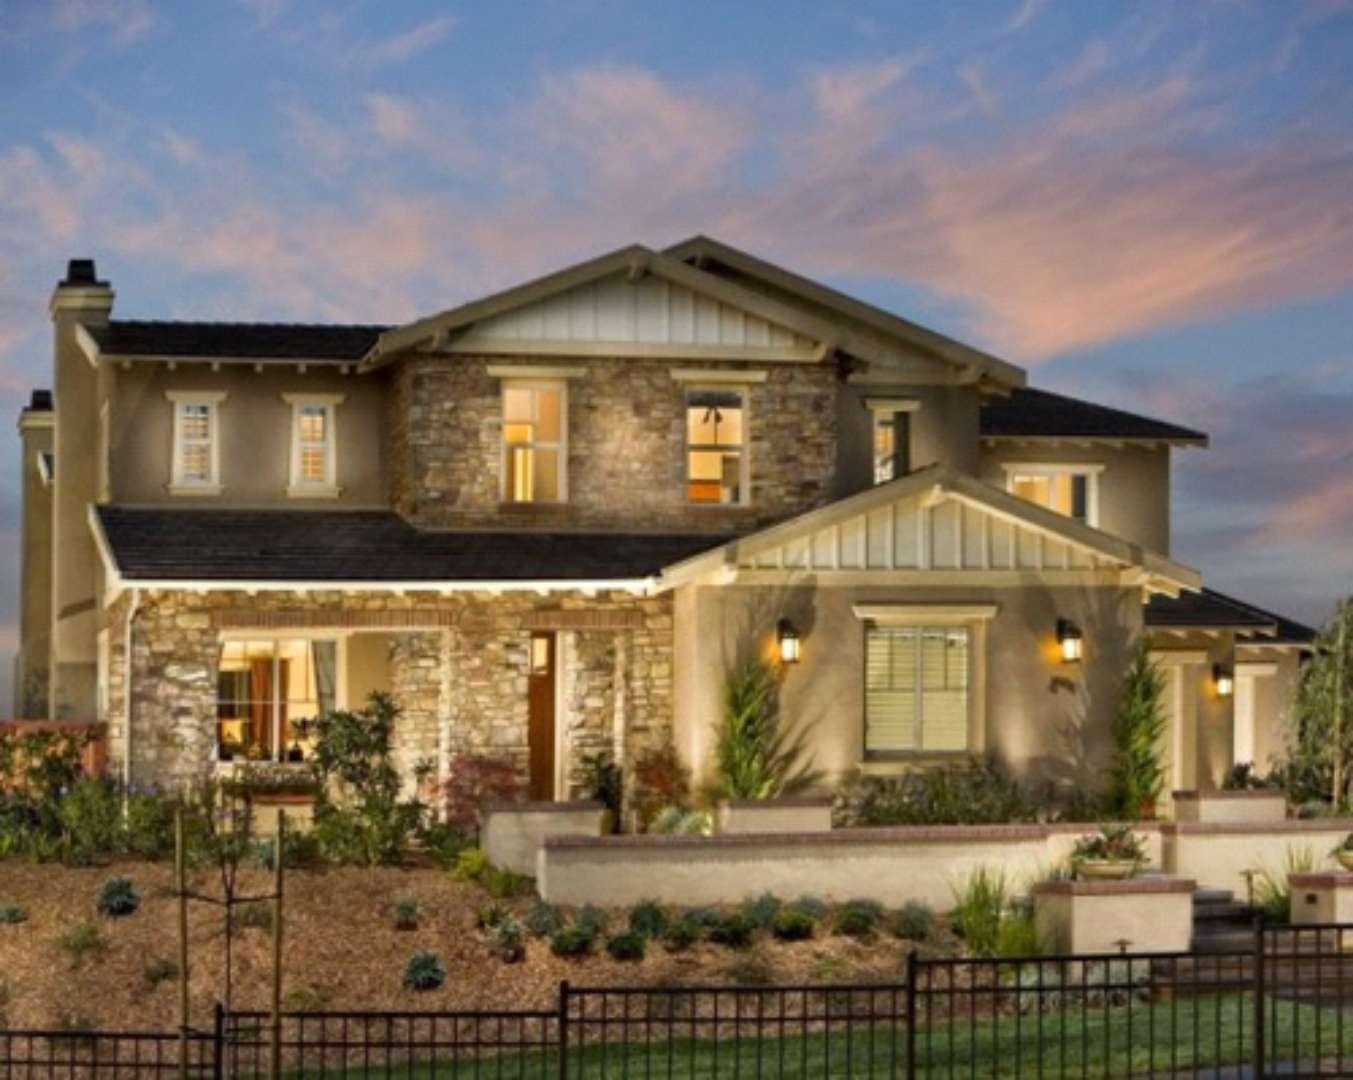 多大的房子最合适?-甲午子风水网